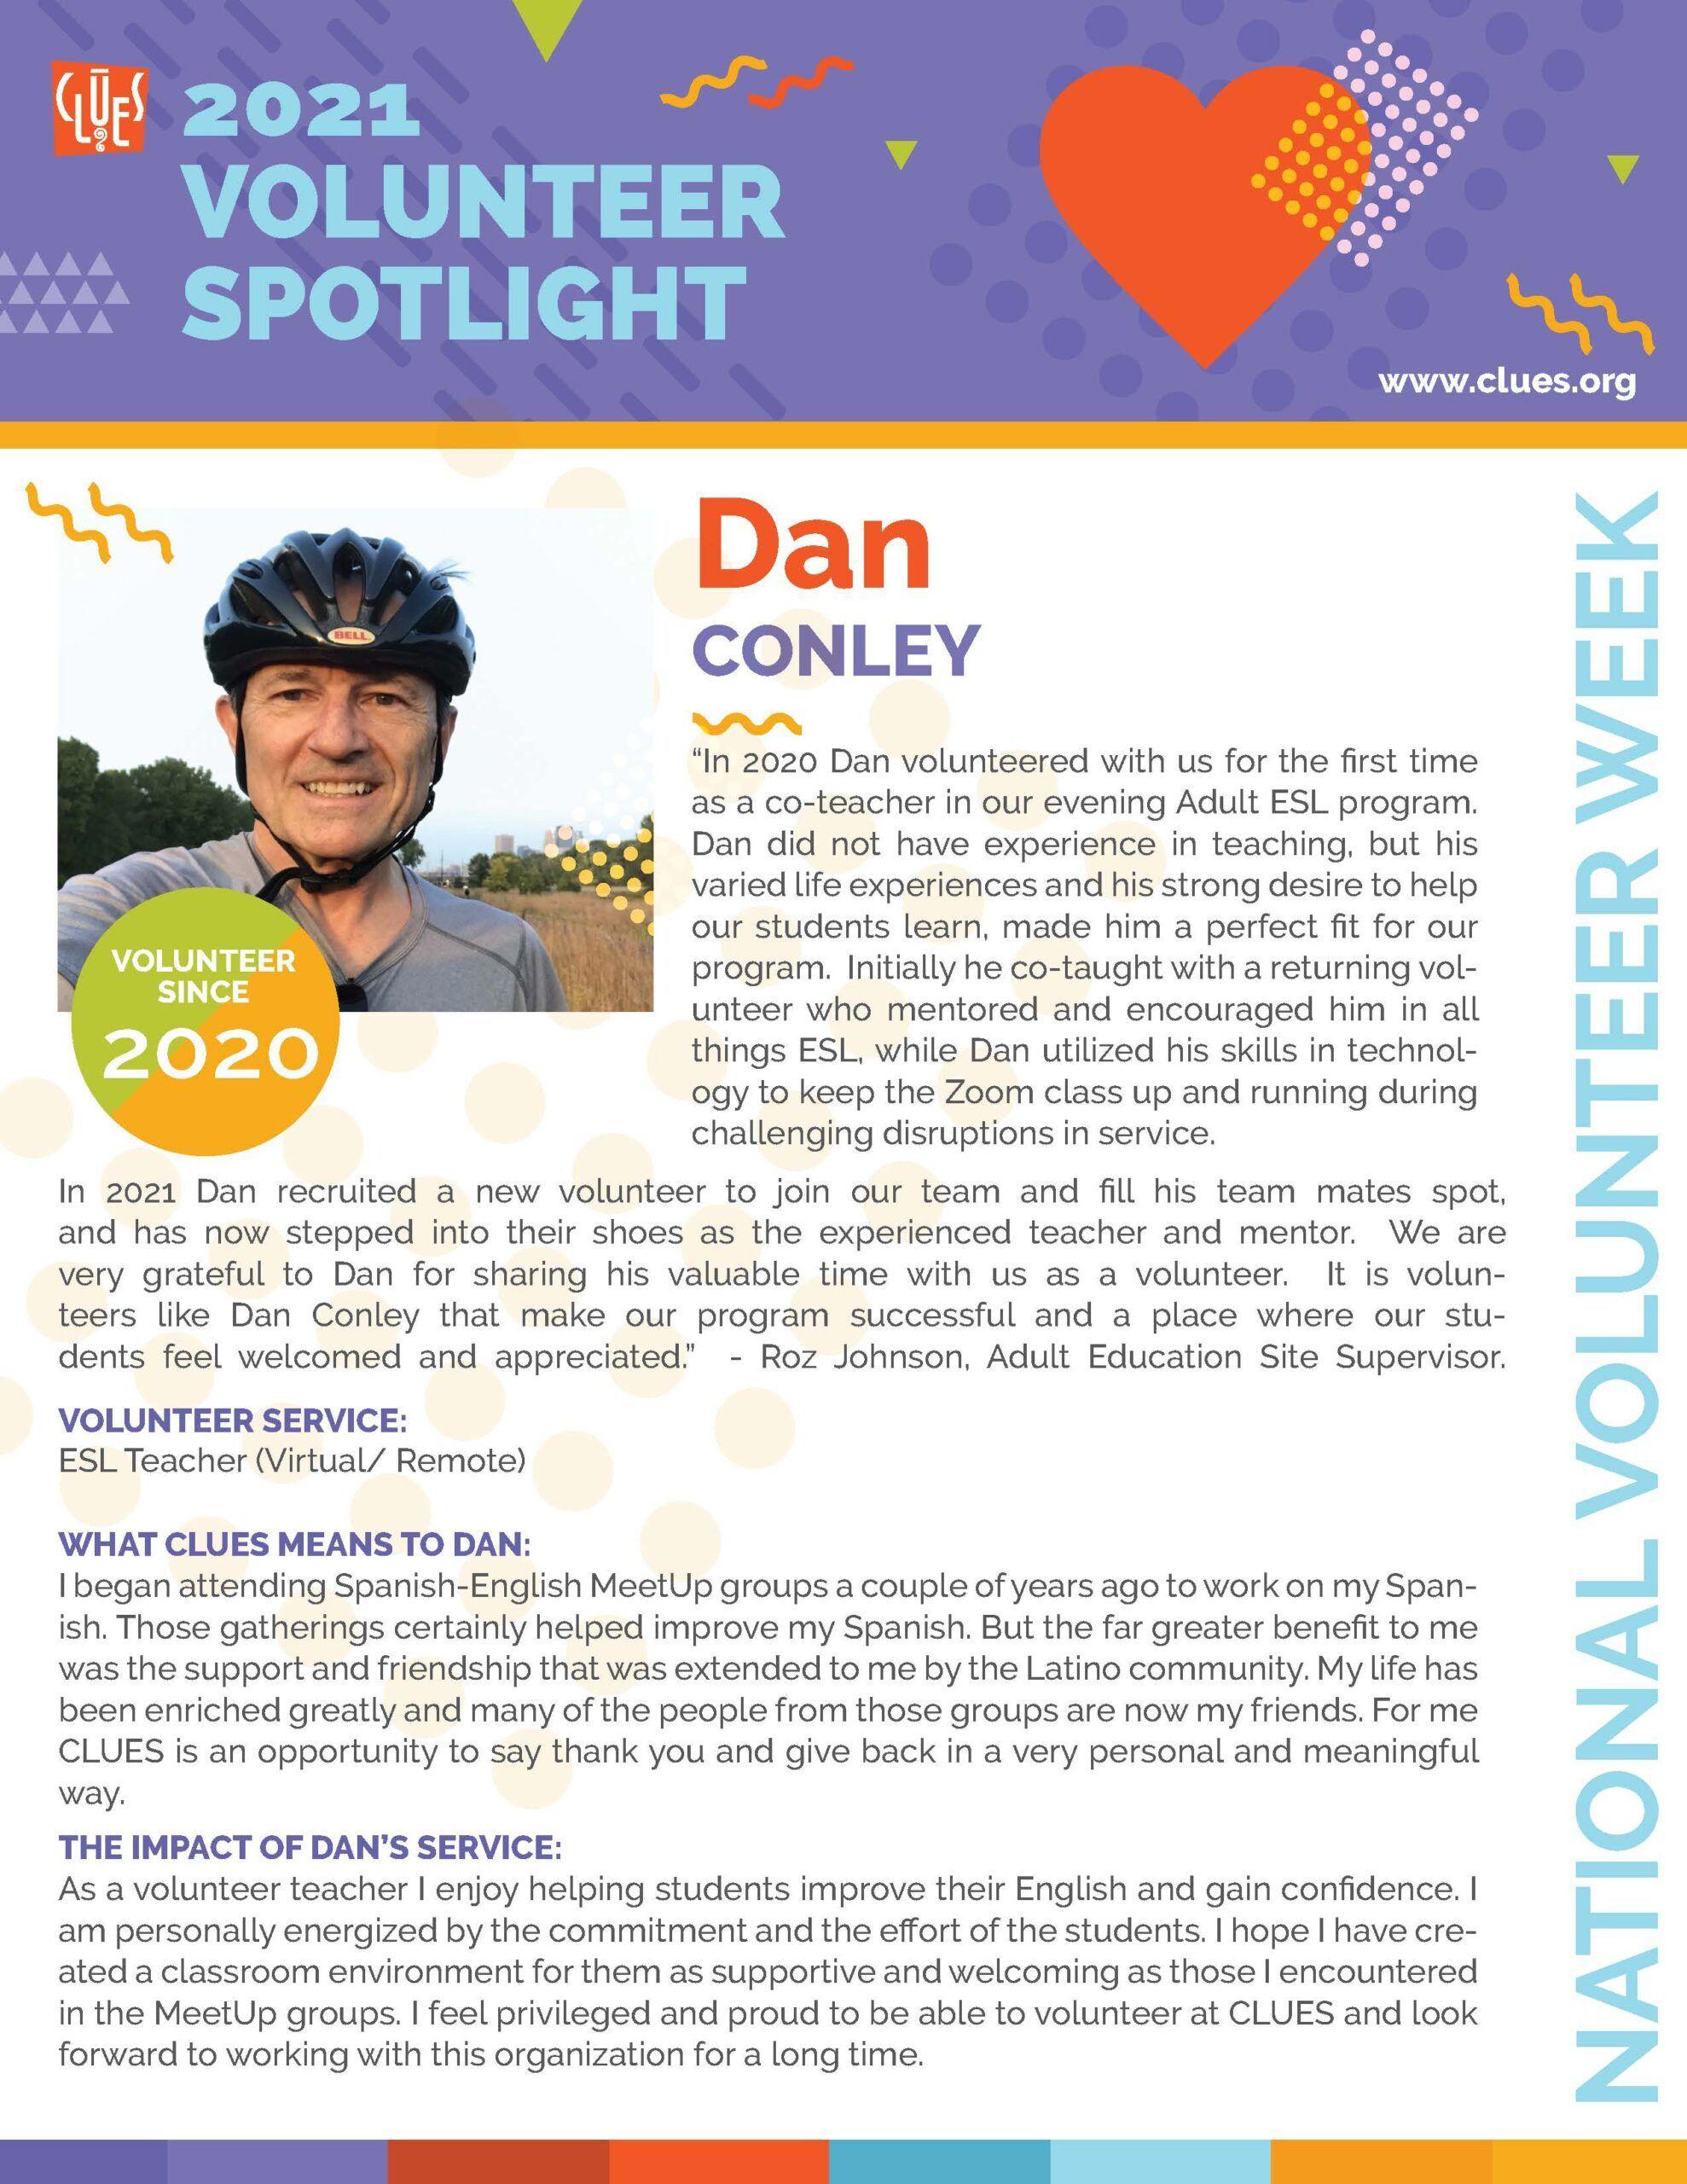 CLUES_VolunteerSpotlight_DanConley